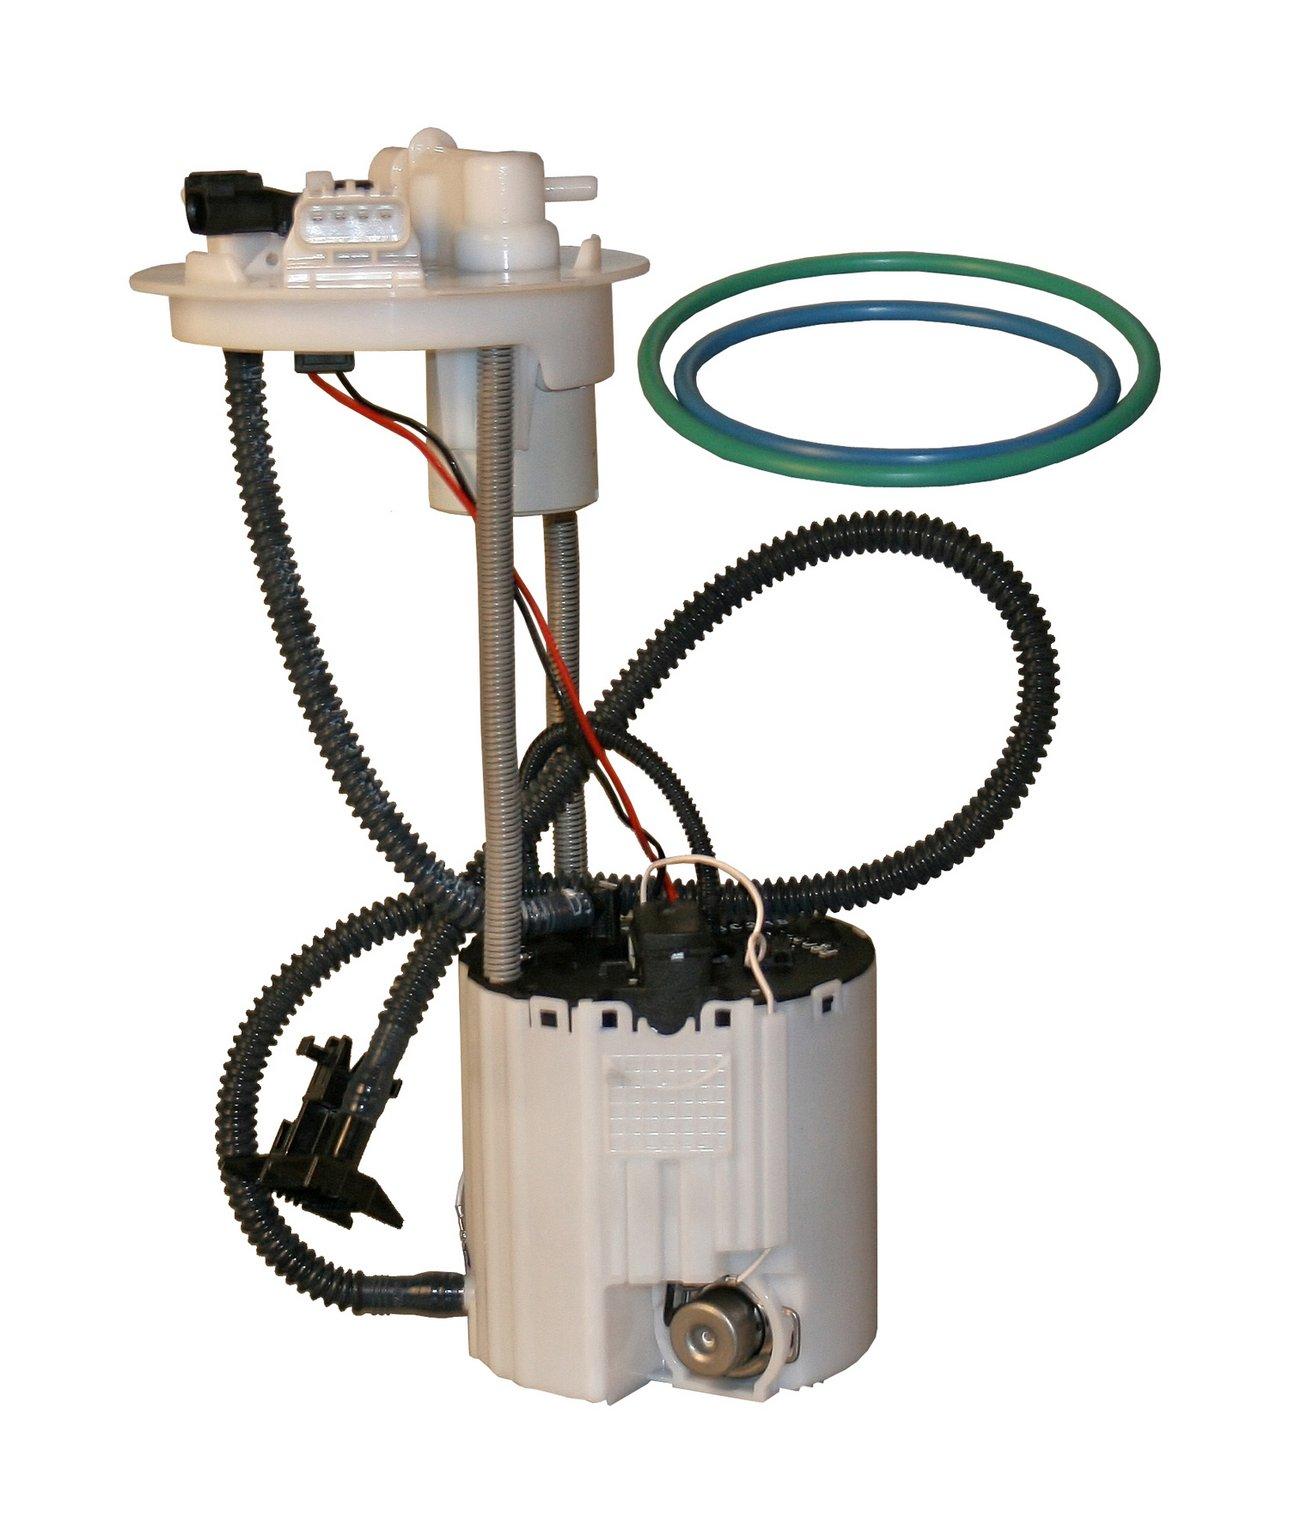 2011 Gmc Terrain Fuel Pump Module Assembly Af E3841m